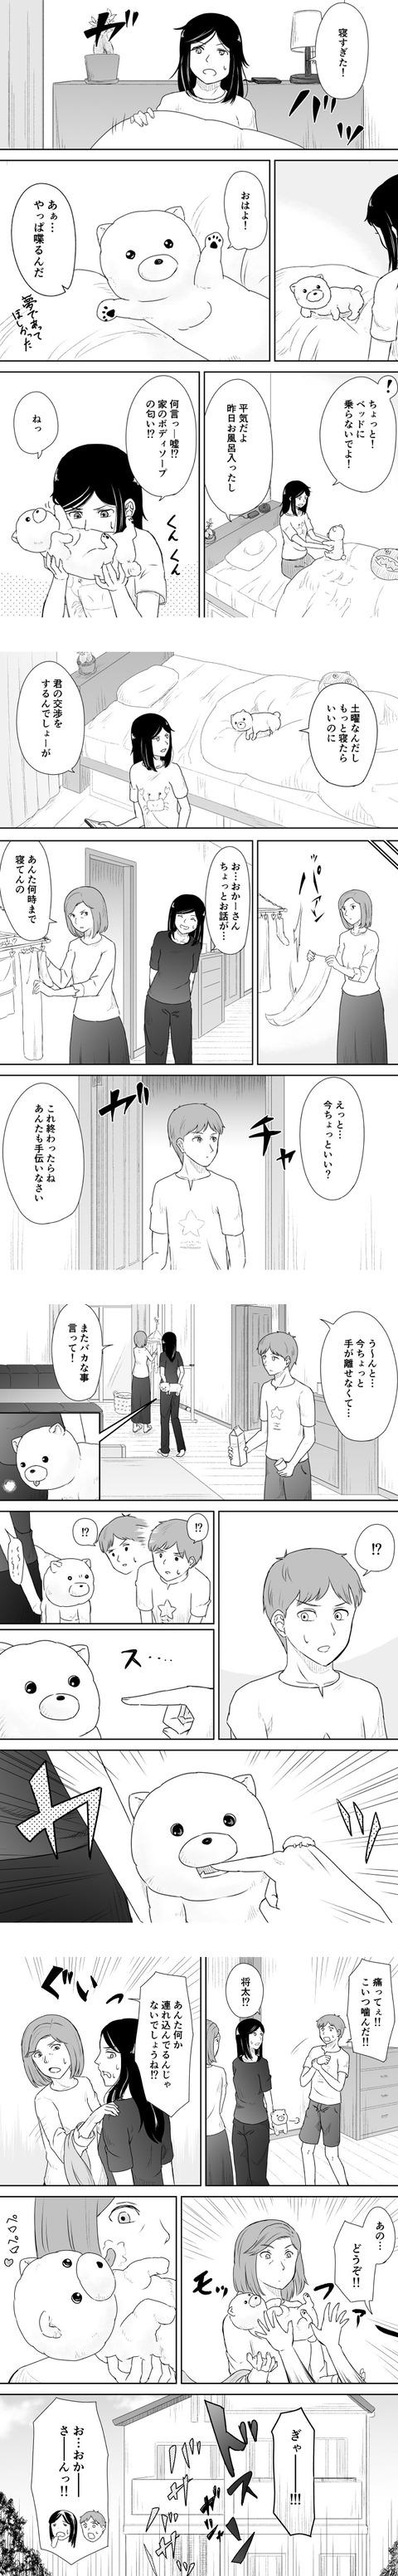 犬を拾う話_009-vert